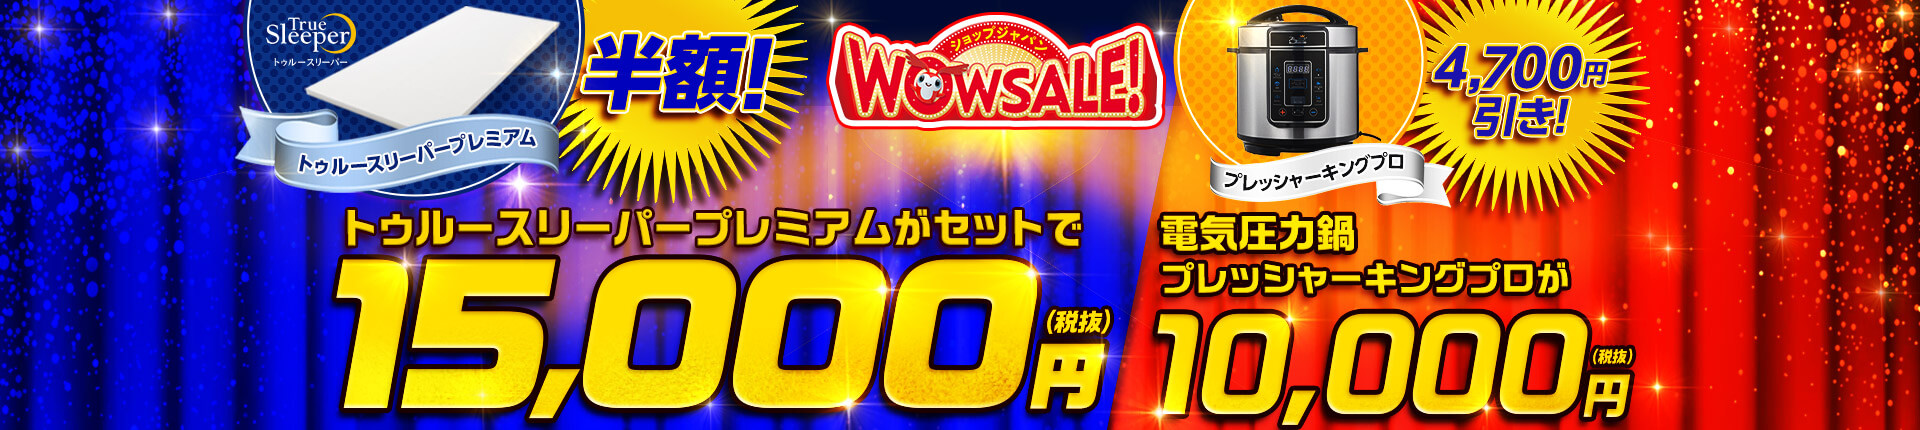 ショップジャパン WOWSALE! トゥルースリーパープレミアムがセットで15,000円(税抜) 半額! 電気圧力鍋プレッシャーキングプロが10,000円(税抜) 4,700円引き!